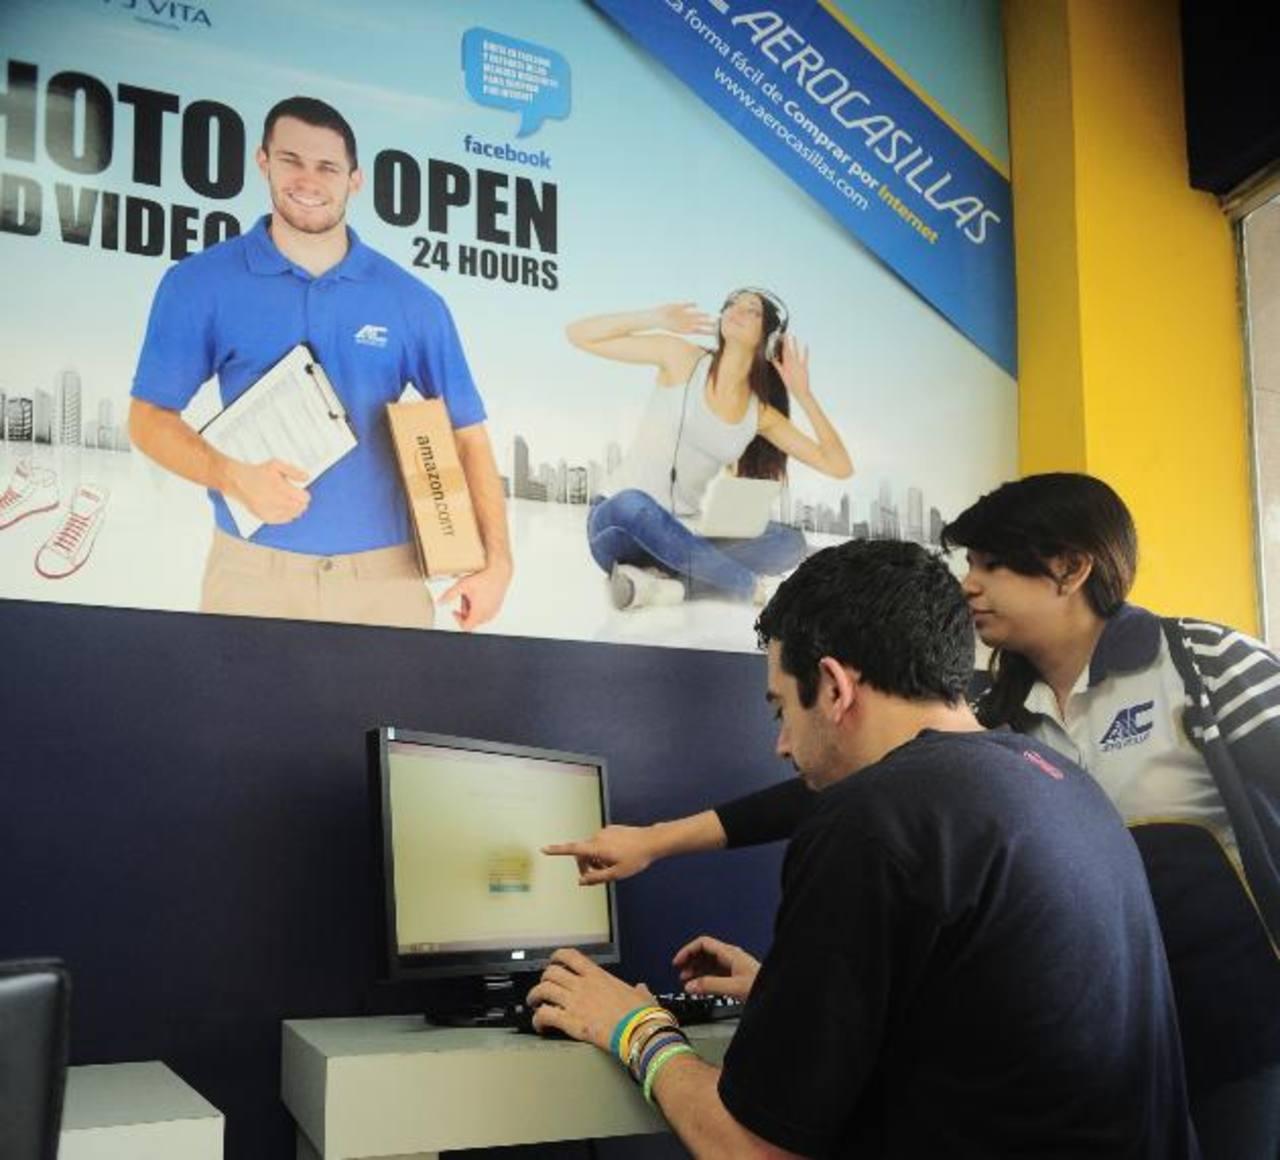 En los últimos años, las compras en línea se han puesto de moda, en especial, entre la población joven. FOTO EDH / RENÉ QUINTANILLA